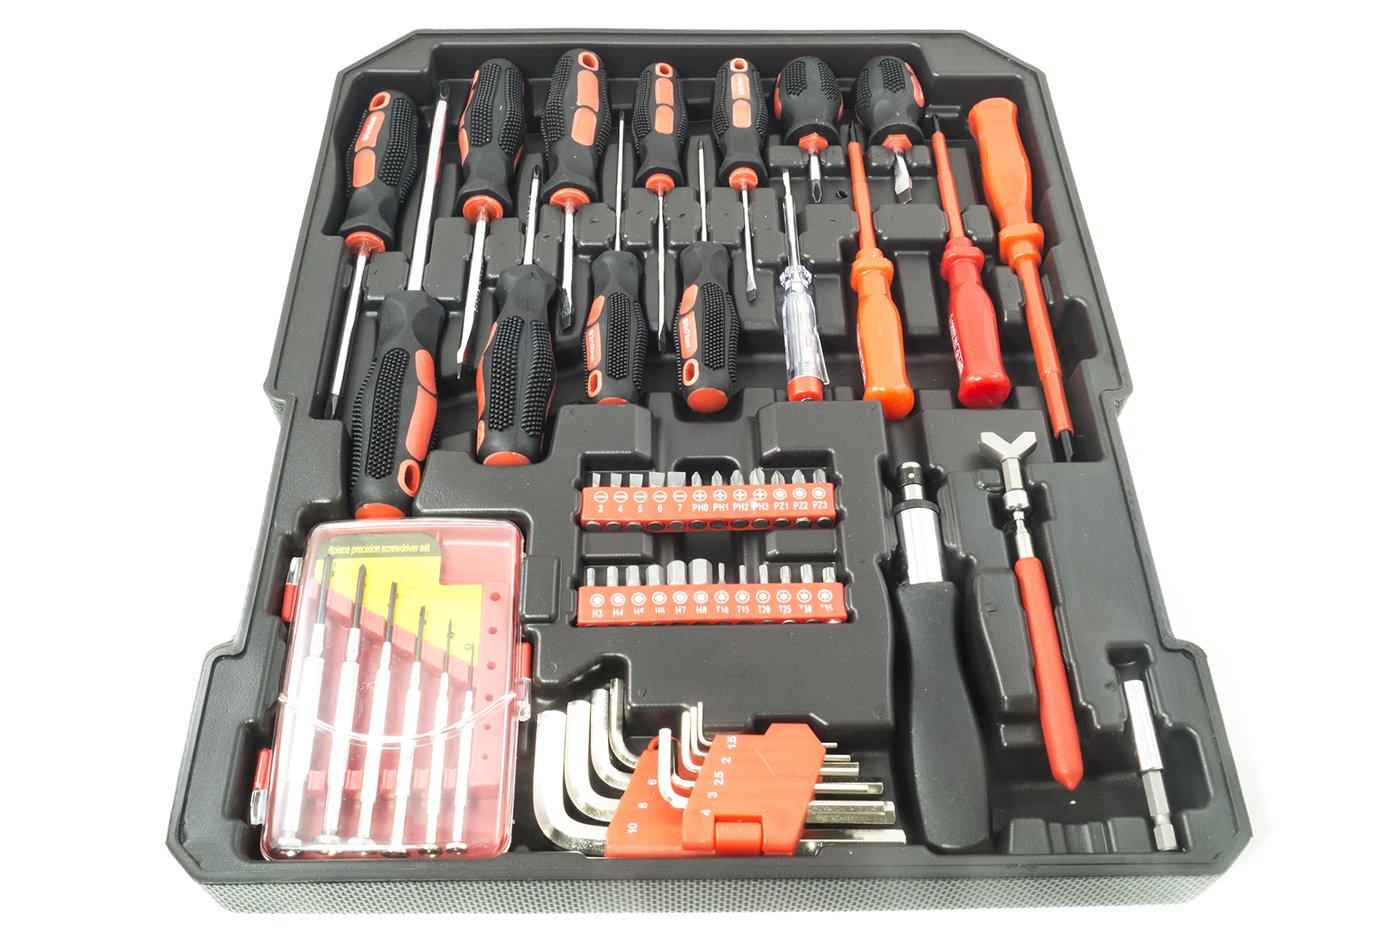 Caja de herramientas con 187 llaves, utensilios, destornilladores, alicates, nivel, metro, carrito: Amazon.es: Bricolaje y herramientas